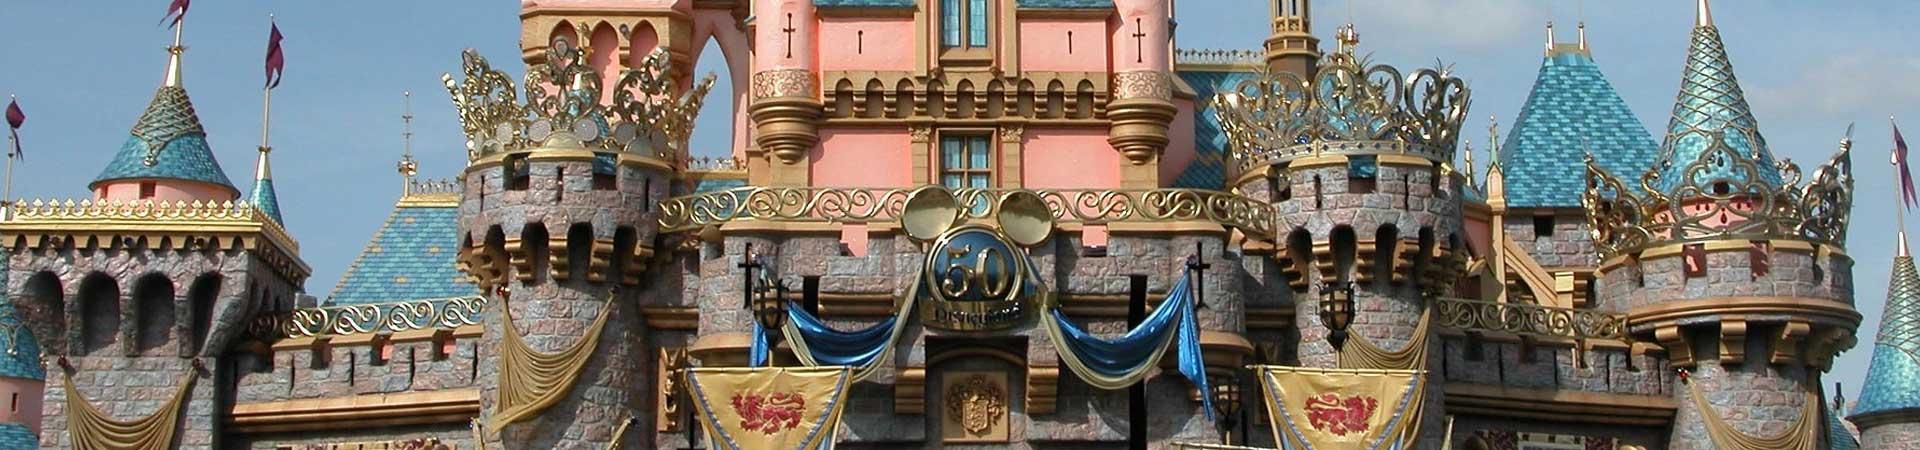 4D3N Wonderful Hong Kong Disneyland